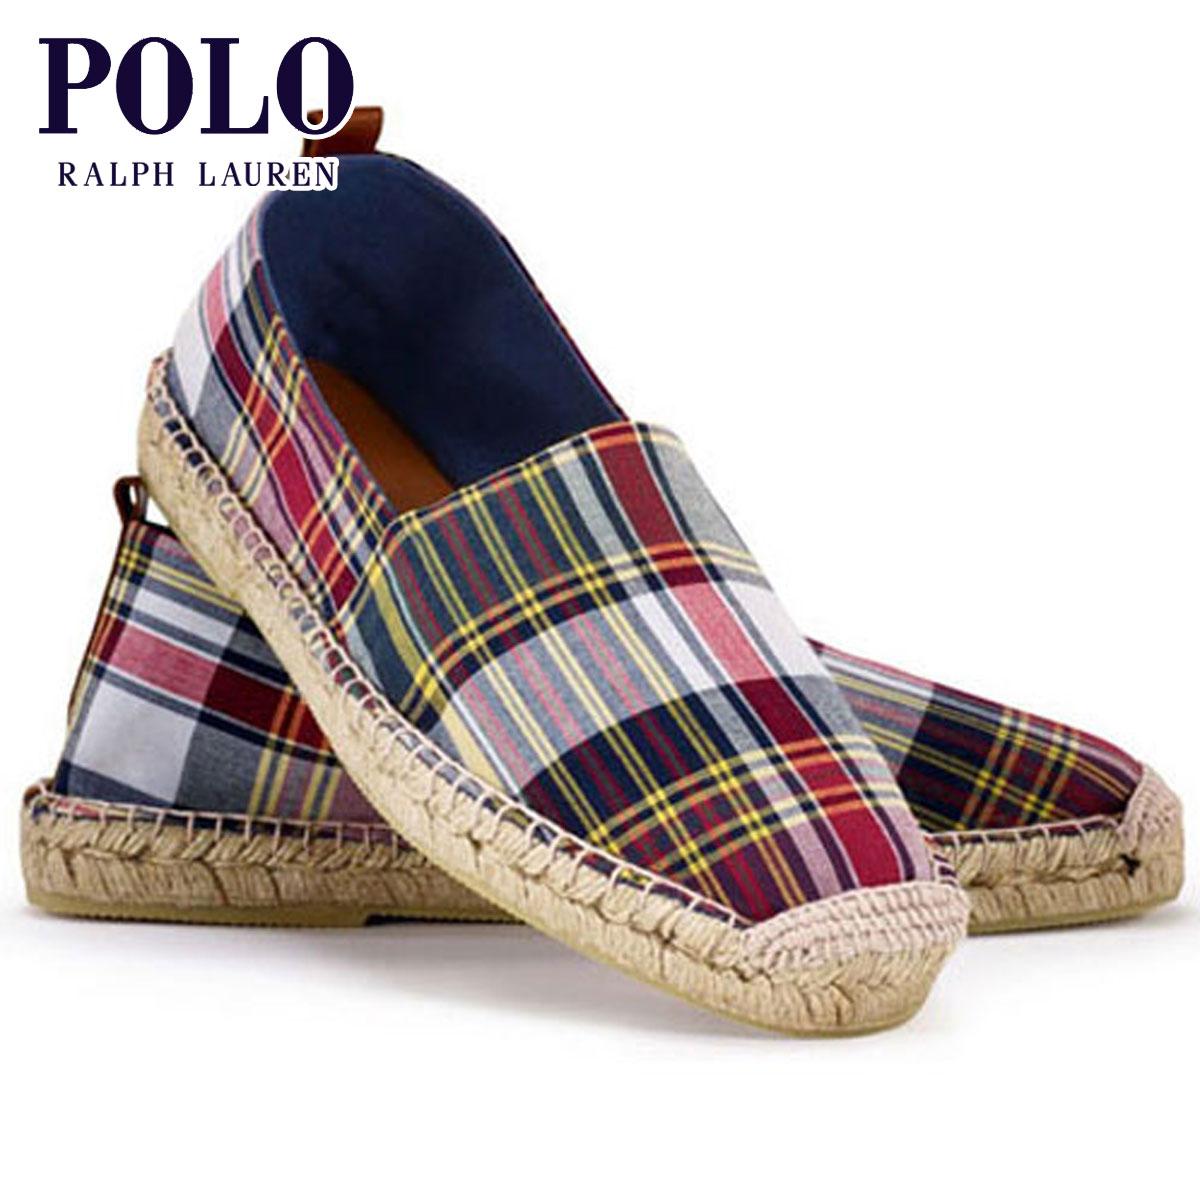 ポロ ラルフローレン POLO RALPH LAUREN 正規品 メンズ 靴 シューズ Madras Espadrille